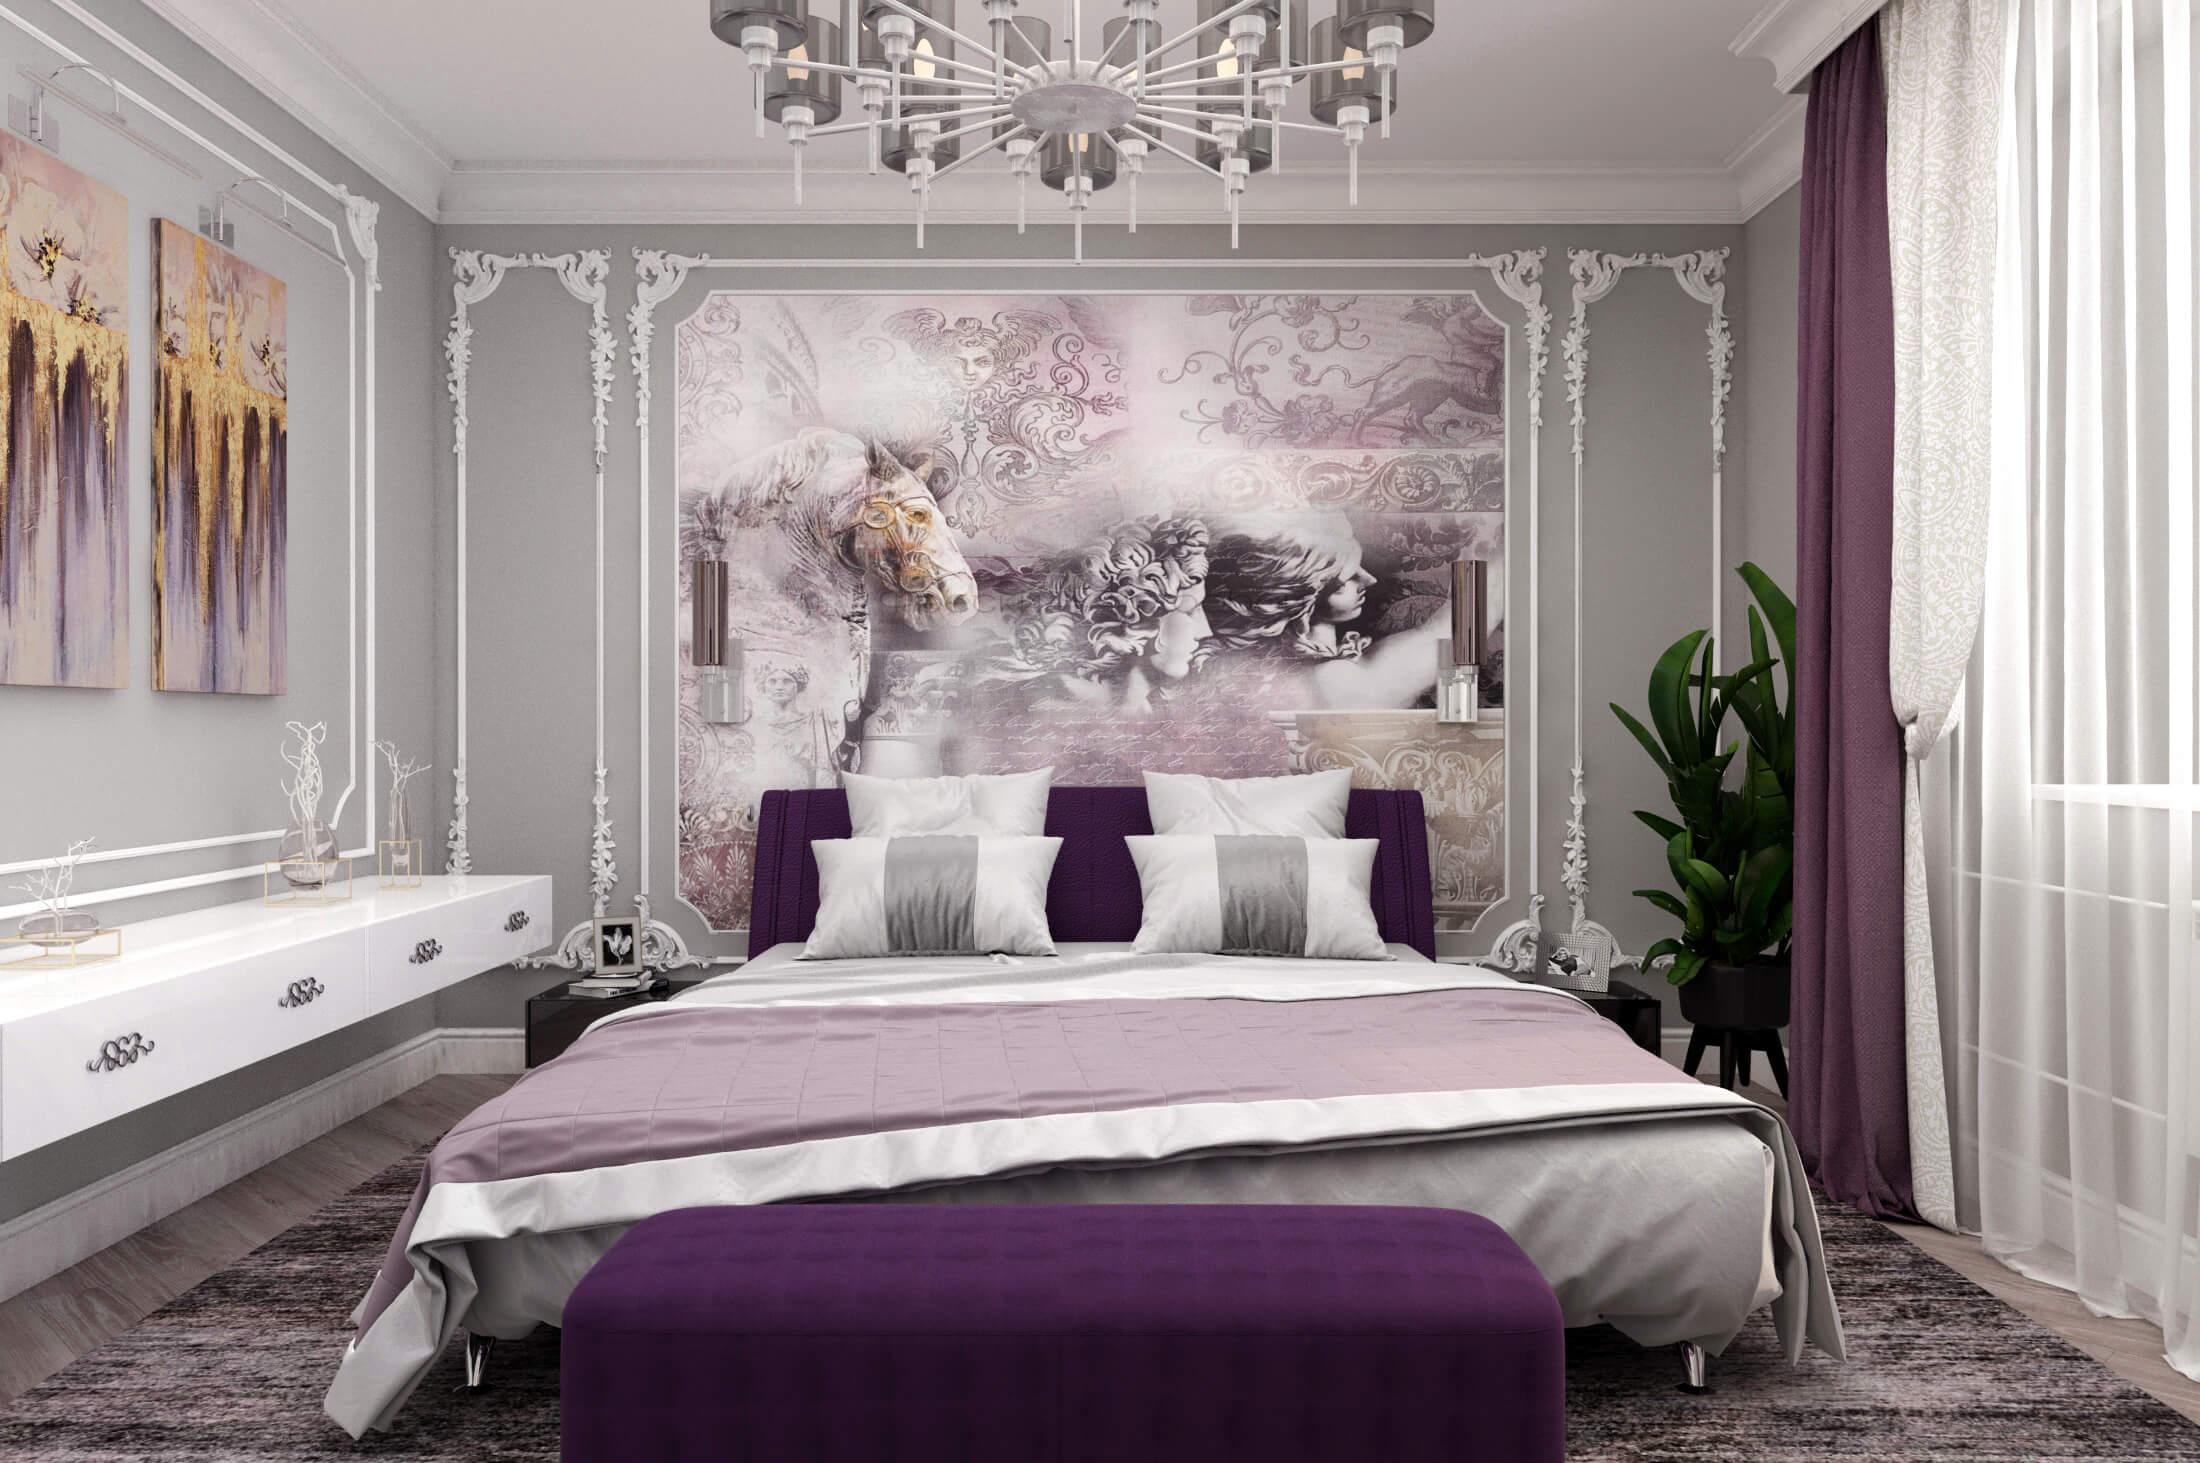 дизайн интерьера спальни в частном доме